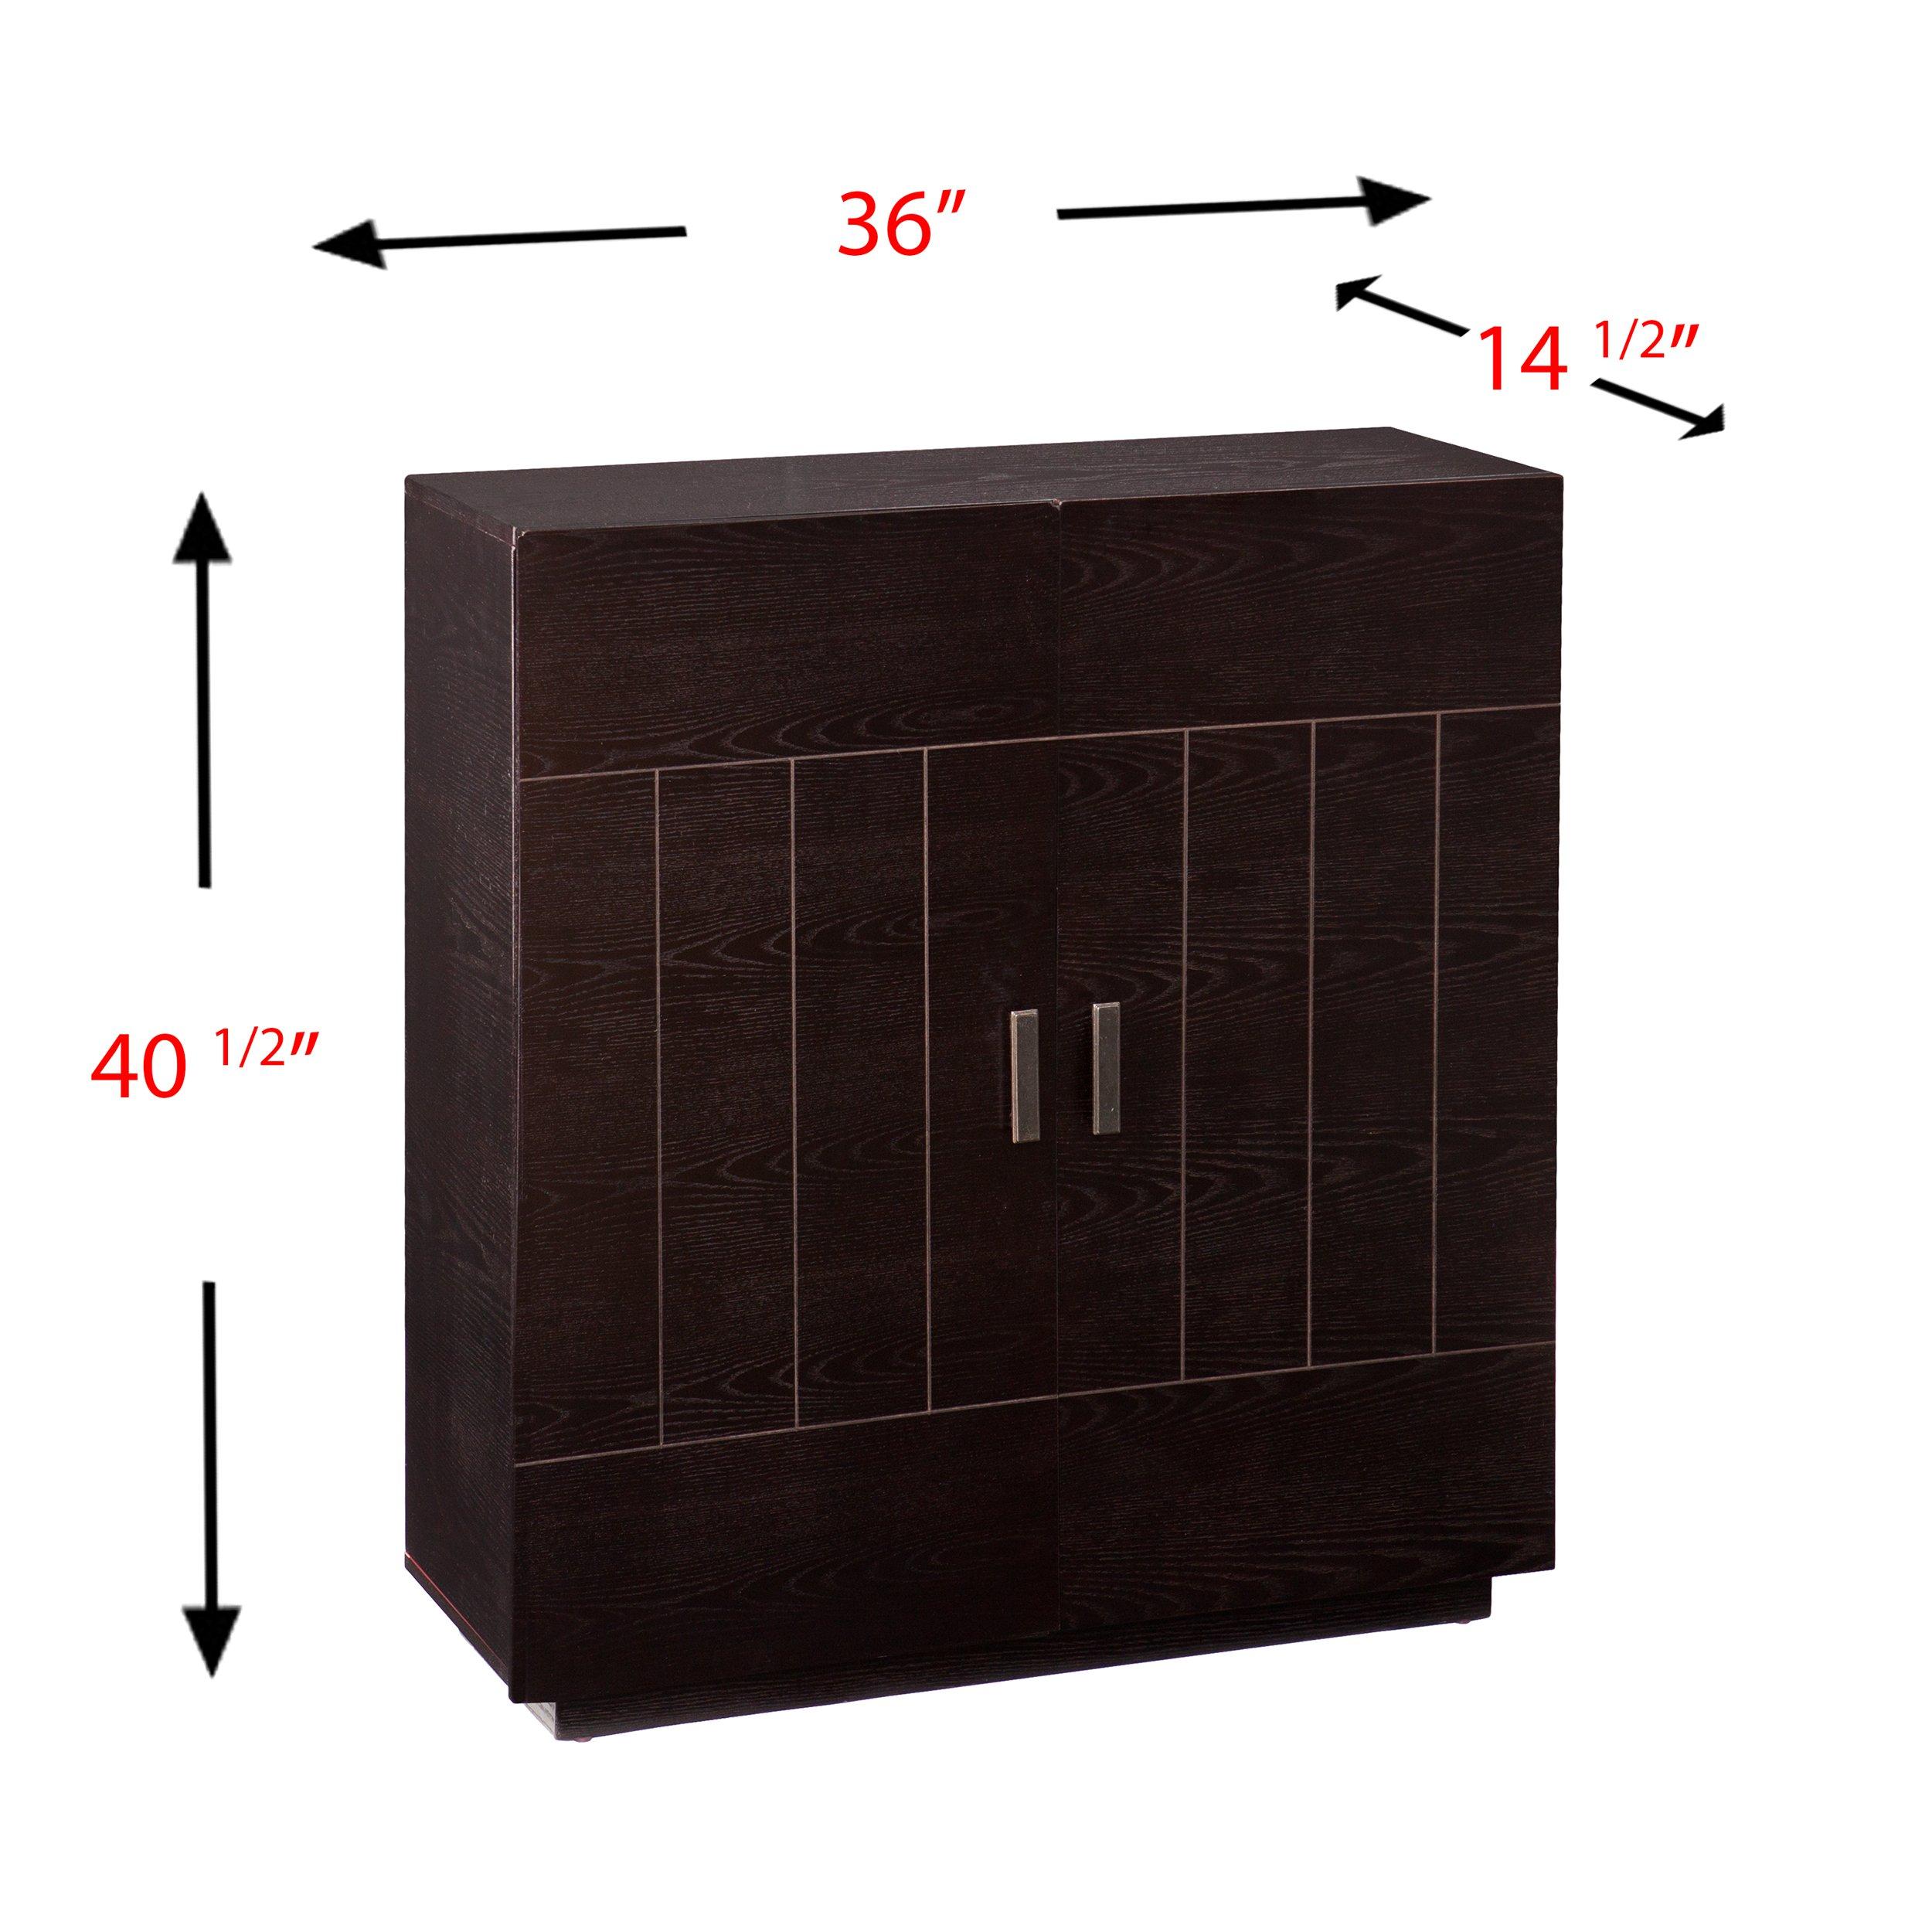 Southern Enterprises AMZ7401ZH Marc Bar Cabinet by Southern Enterprises (Image #3)